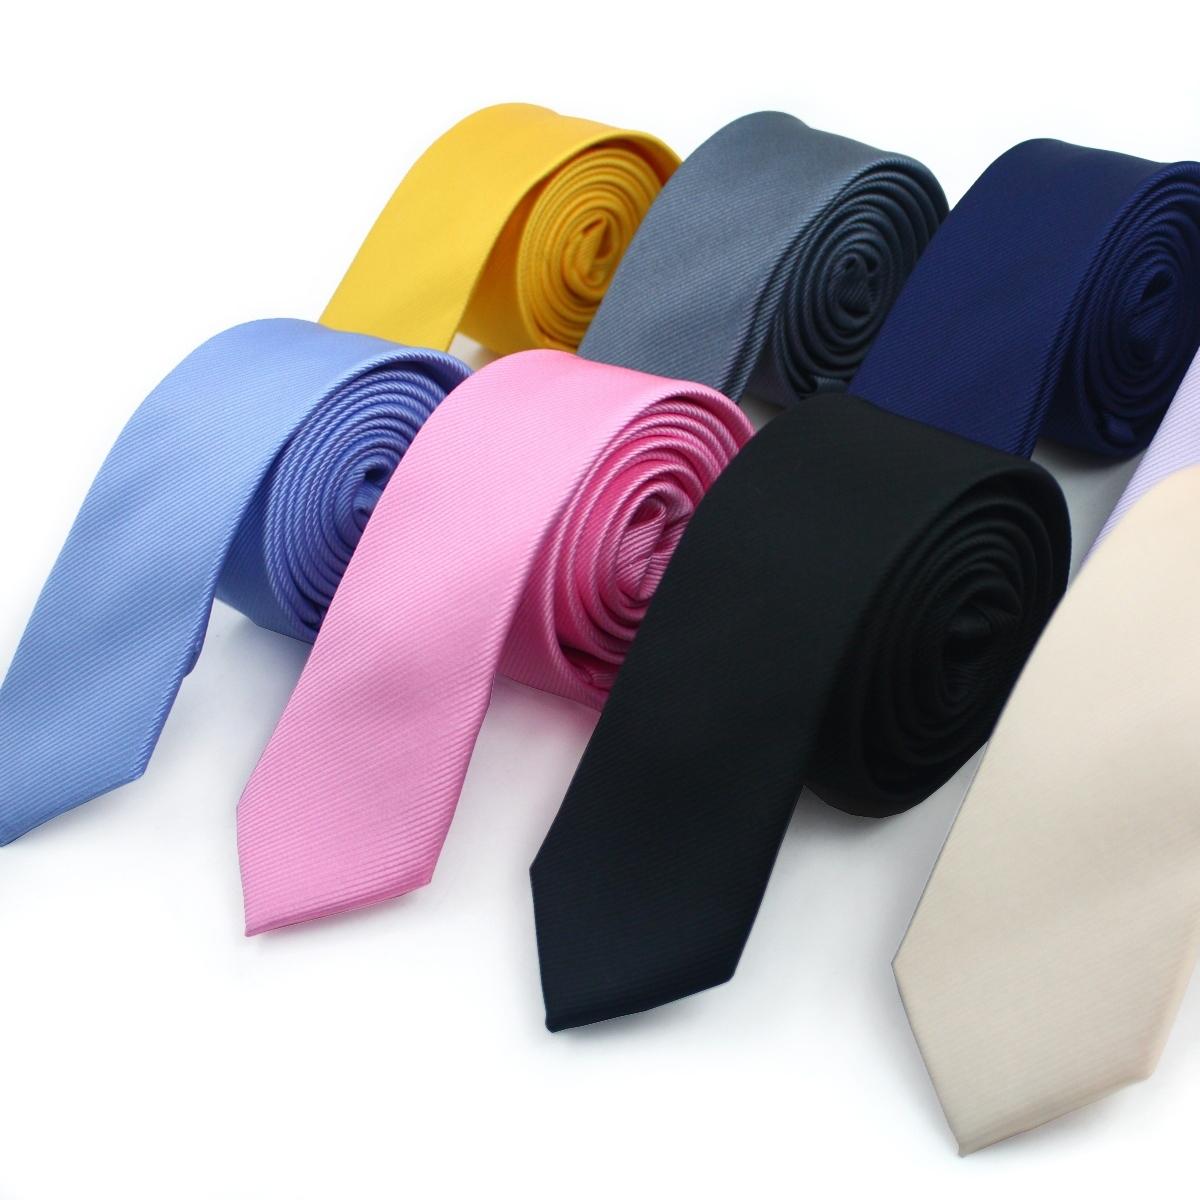 包邮De Lisle 5cm纳米防水韩版窄领带休闲男女小领带结婚小小礼品 价格:15.30